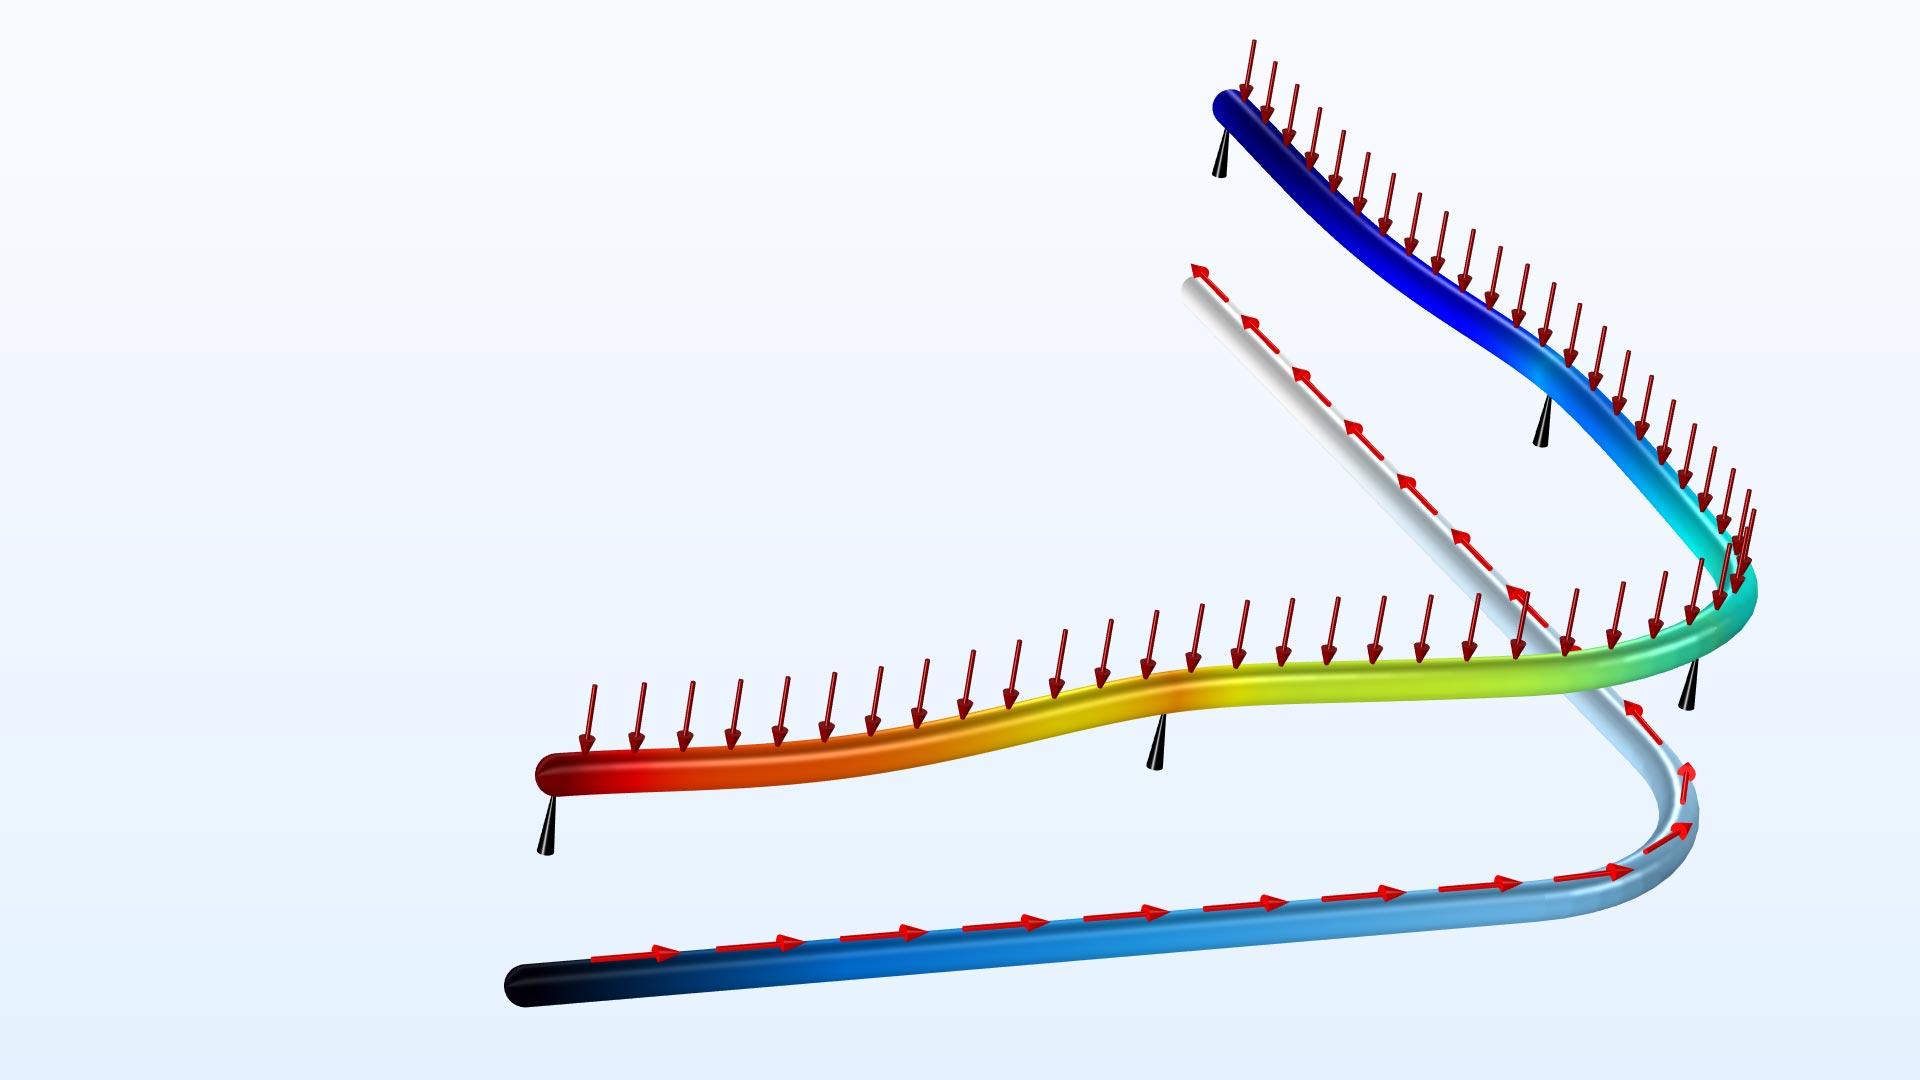 이 업데이트 된 모델은 새로운 Fluid-Pipe Interaction, Fixed Geometry 인터페이스를 사용하여 유체 하중과 중력을 받는 파이프의 응력을 분석합니다. 결과는 압력 및 유체 속도 (아래)와 von Mises 응력 및 변형 (위)을 보여줍니다.